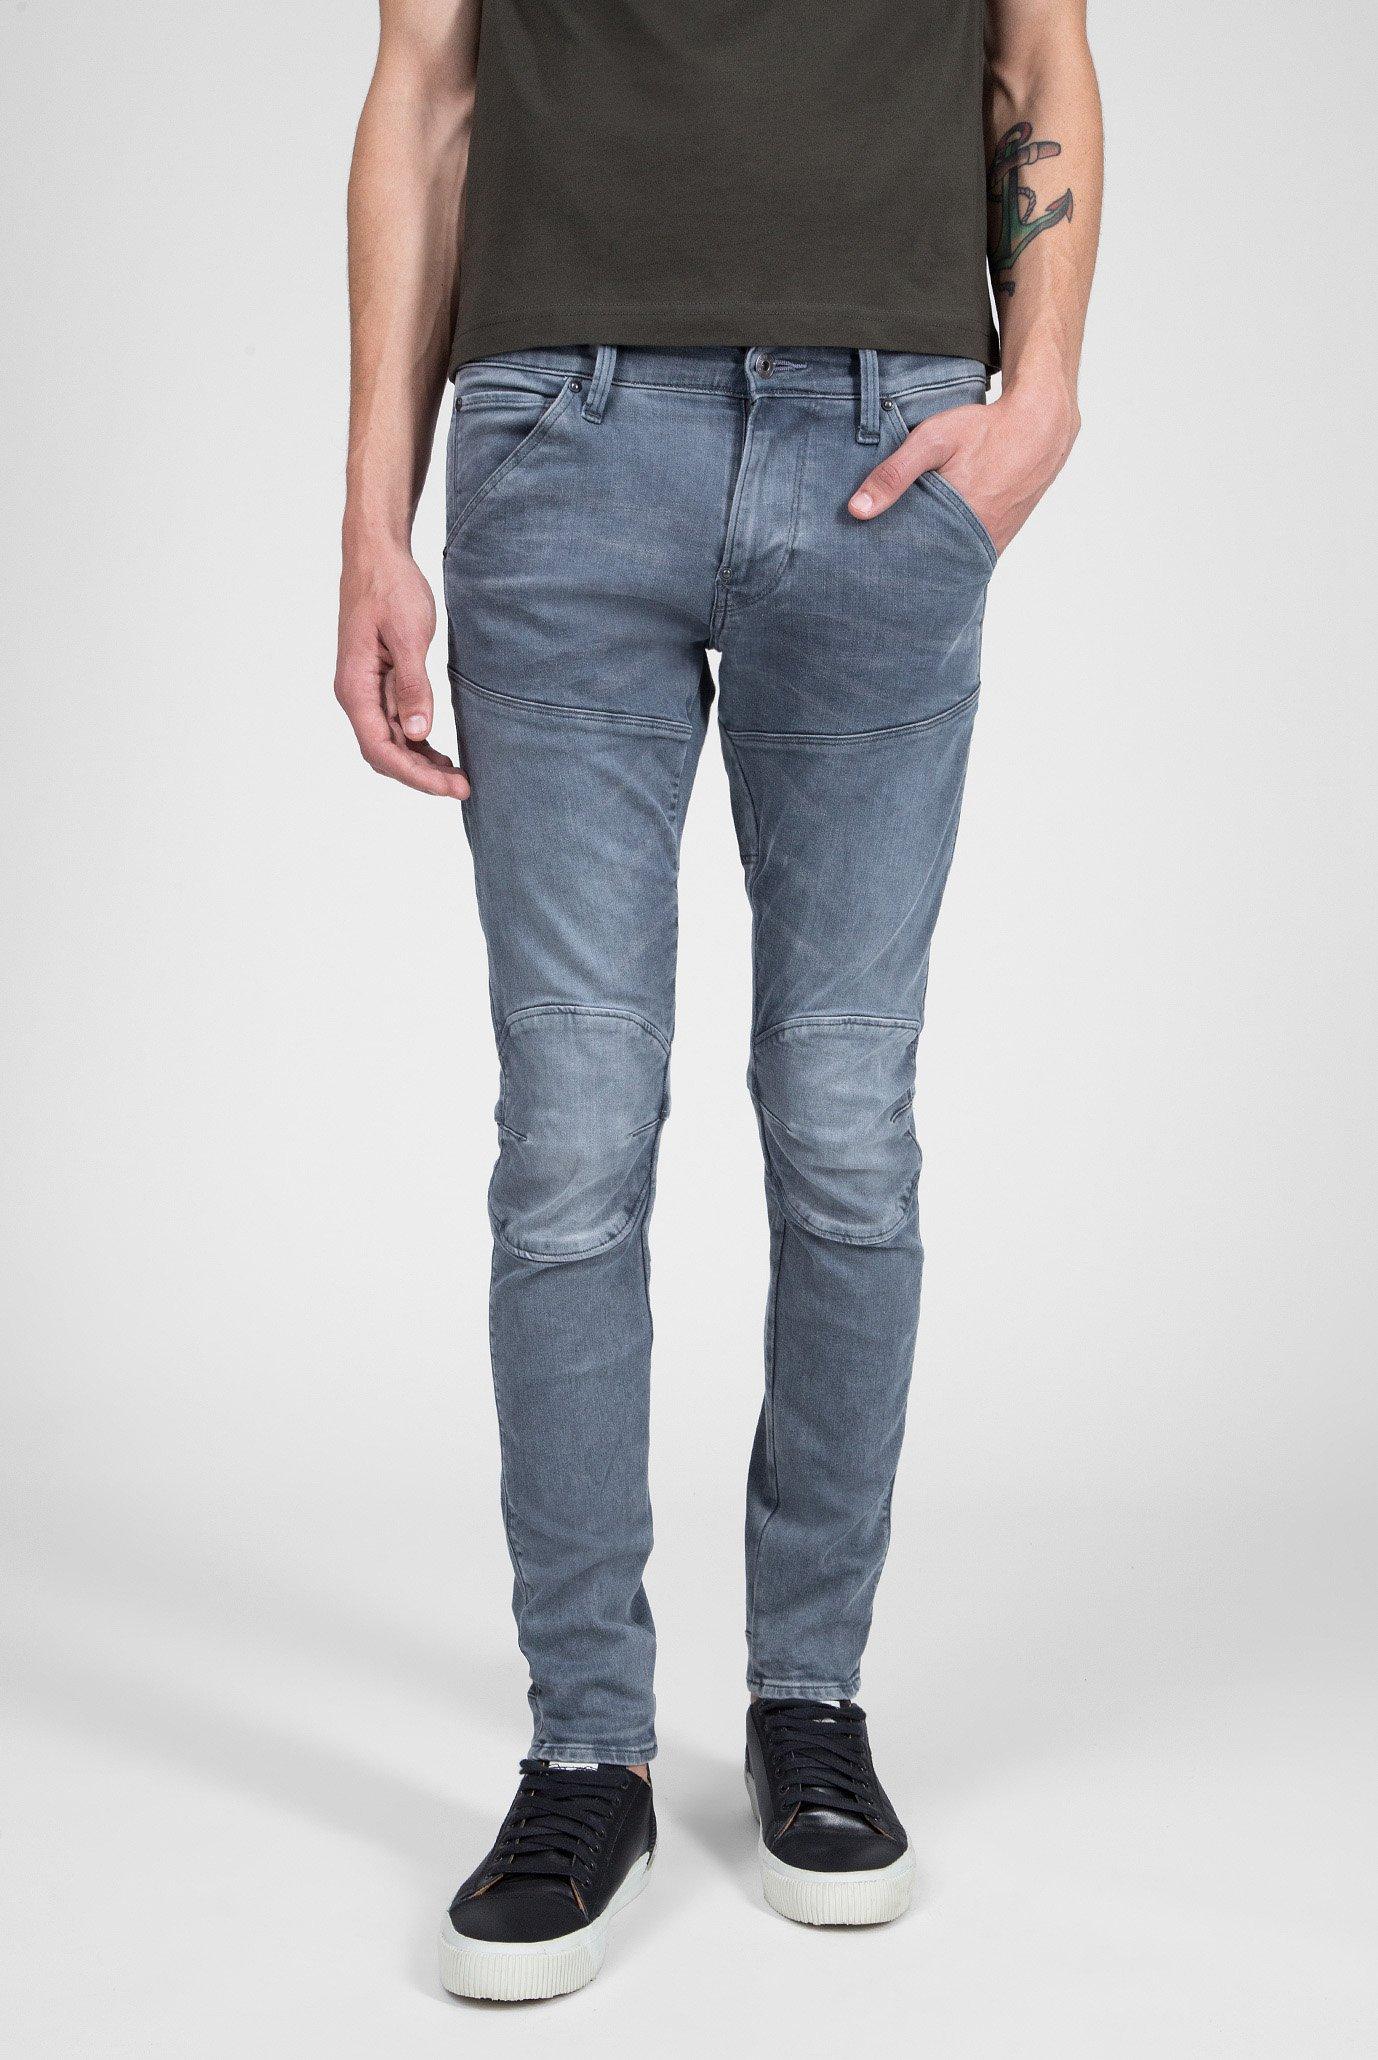 Купить Мужские голубые джинсы 5620 3D Skinny G-Star RAW G-Star RAW 51026,9882 – Киев, Украина. Цены в интернет магазине MD Fashion